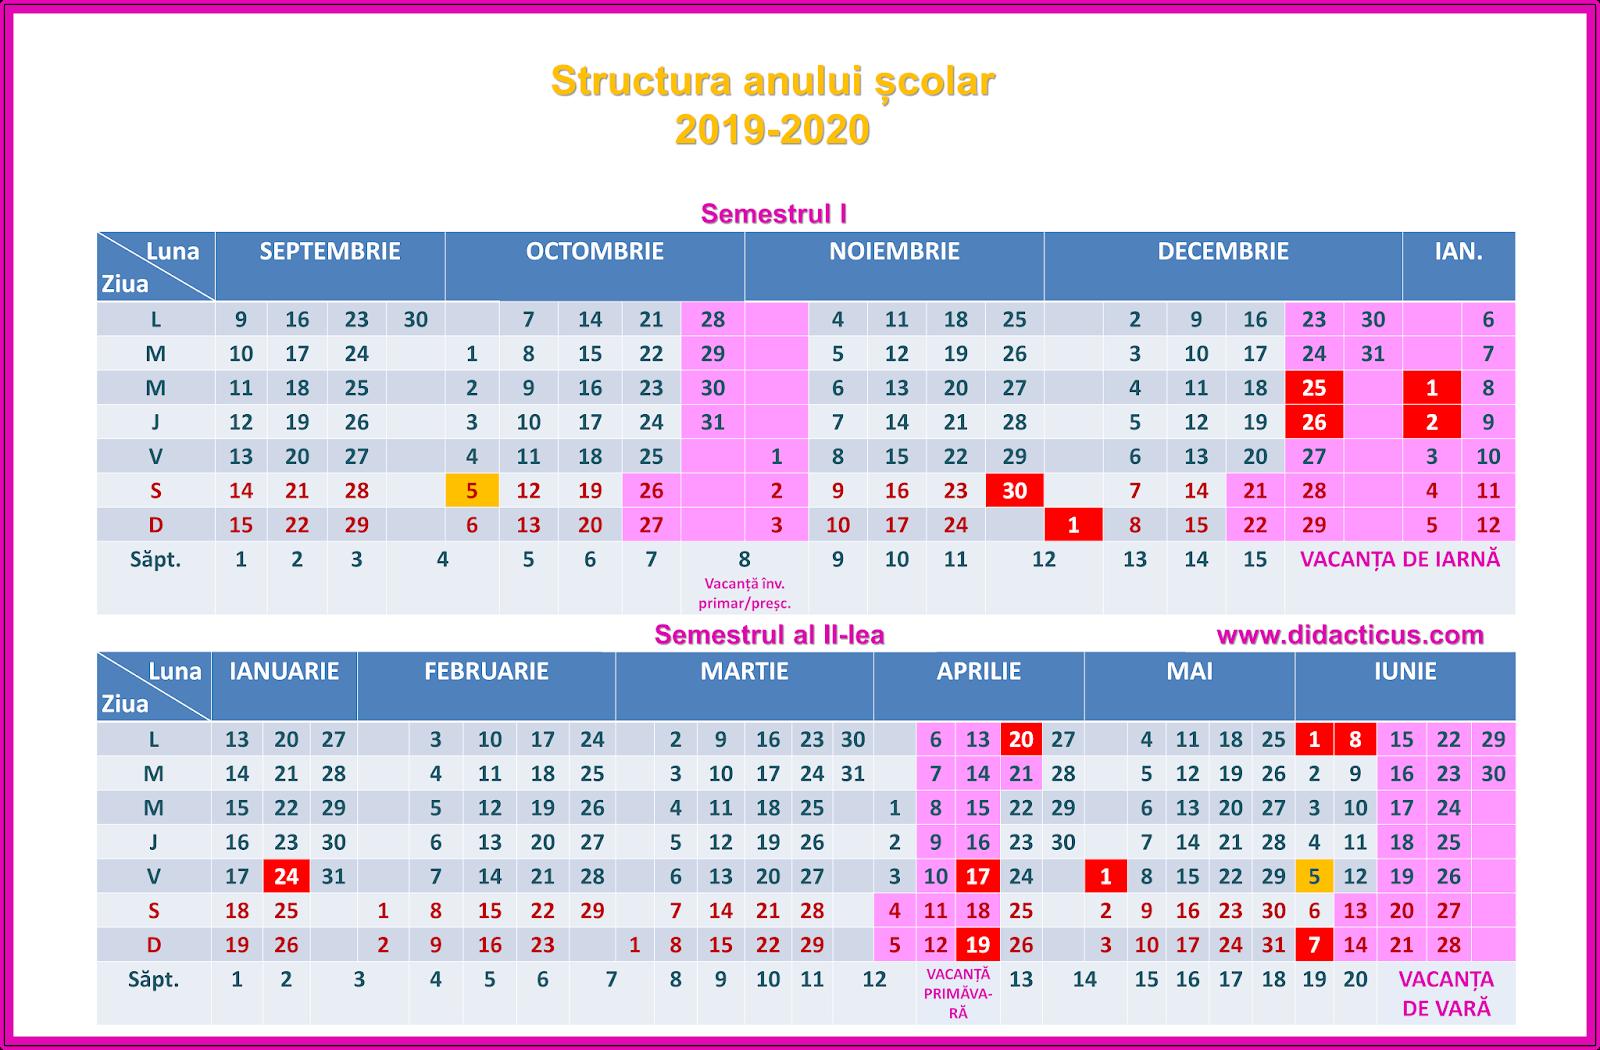 Structura anului școlar 2019-2020